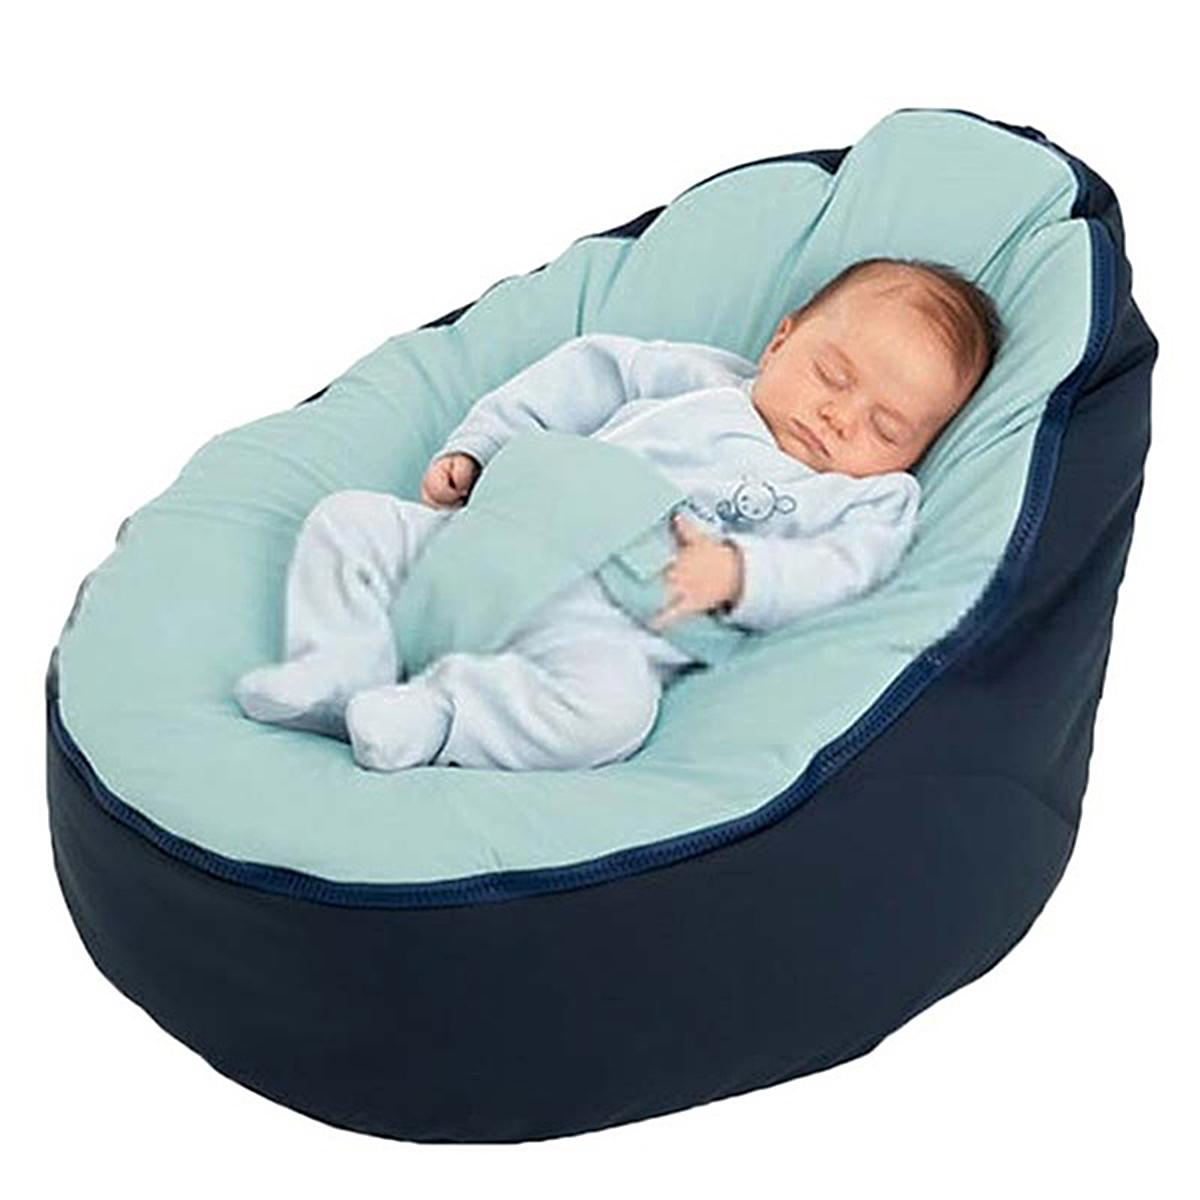 ХолстBlueVineBabyInfanBean Сумка Кровать Snuggle c Без Заполнения Ленивый Диван